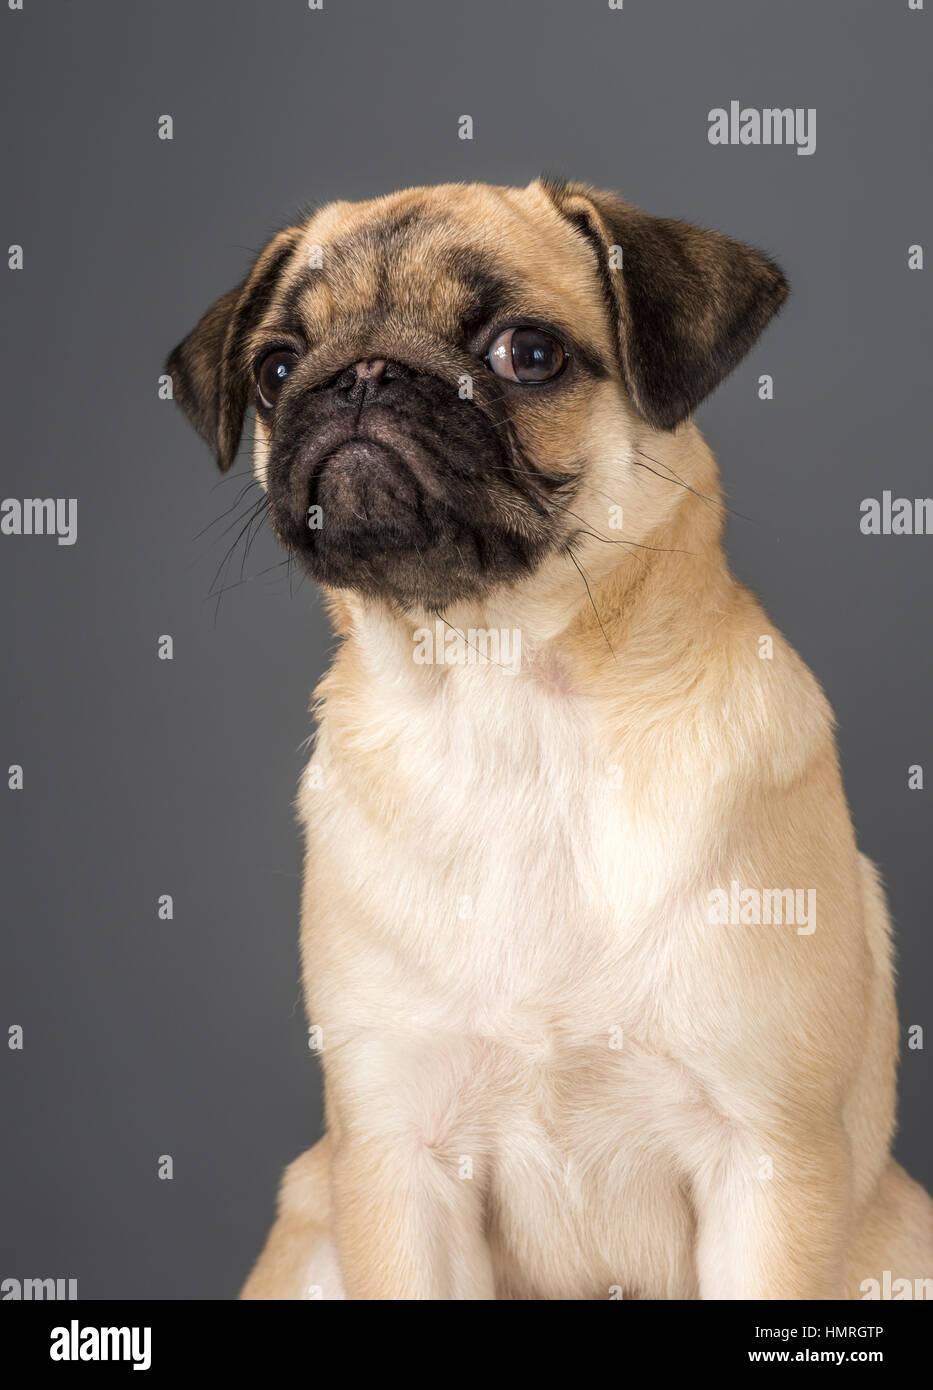 Perro Pug Imagen De Stock